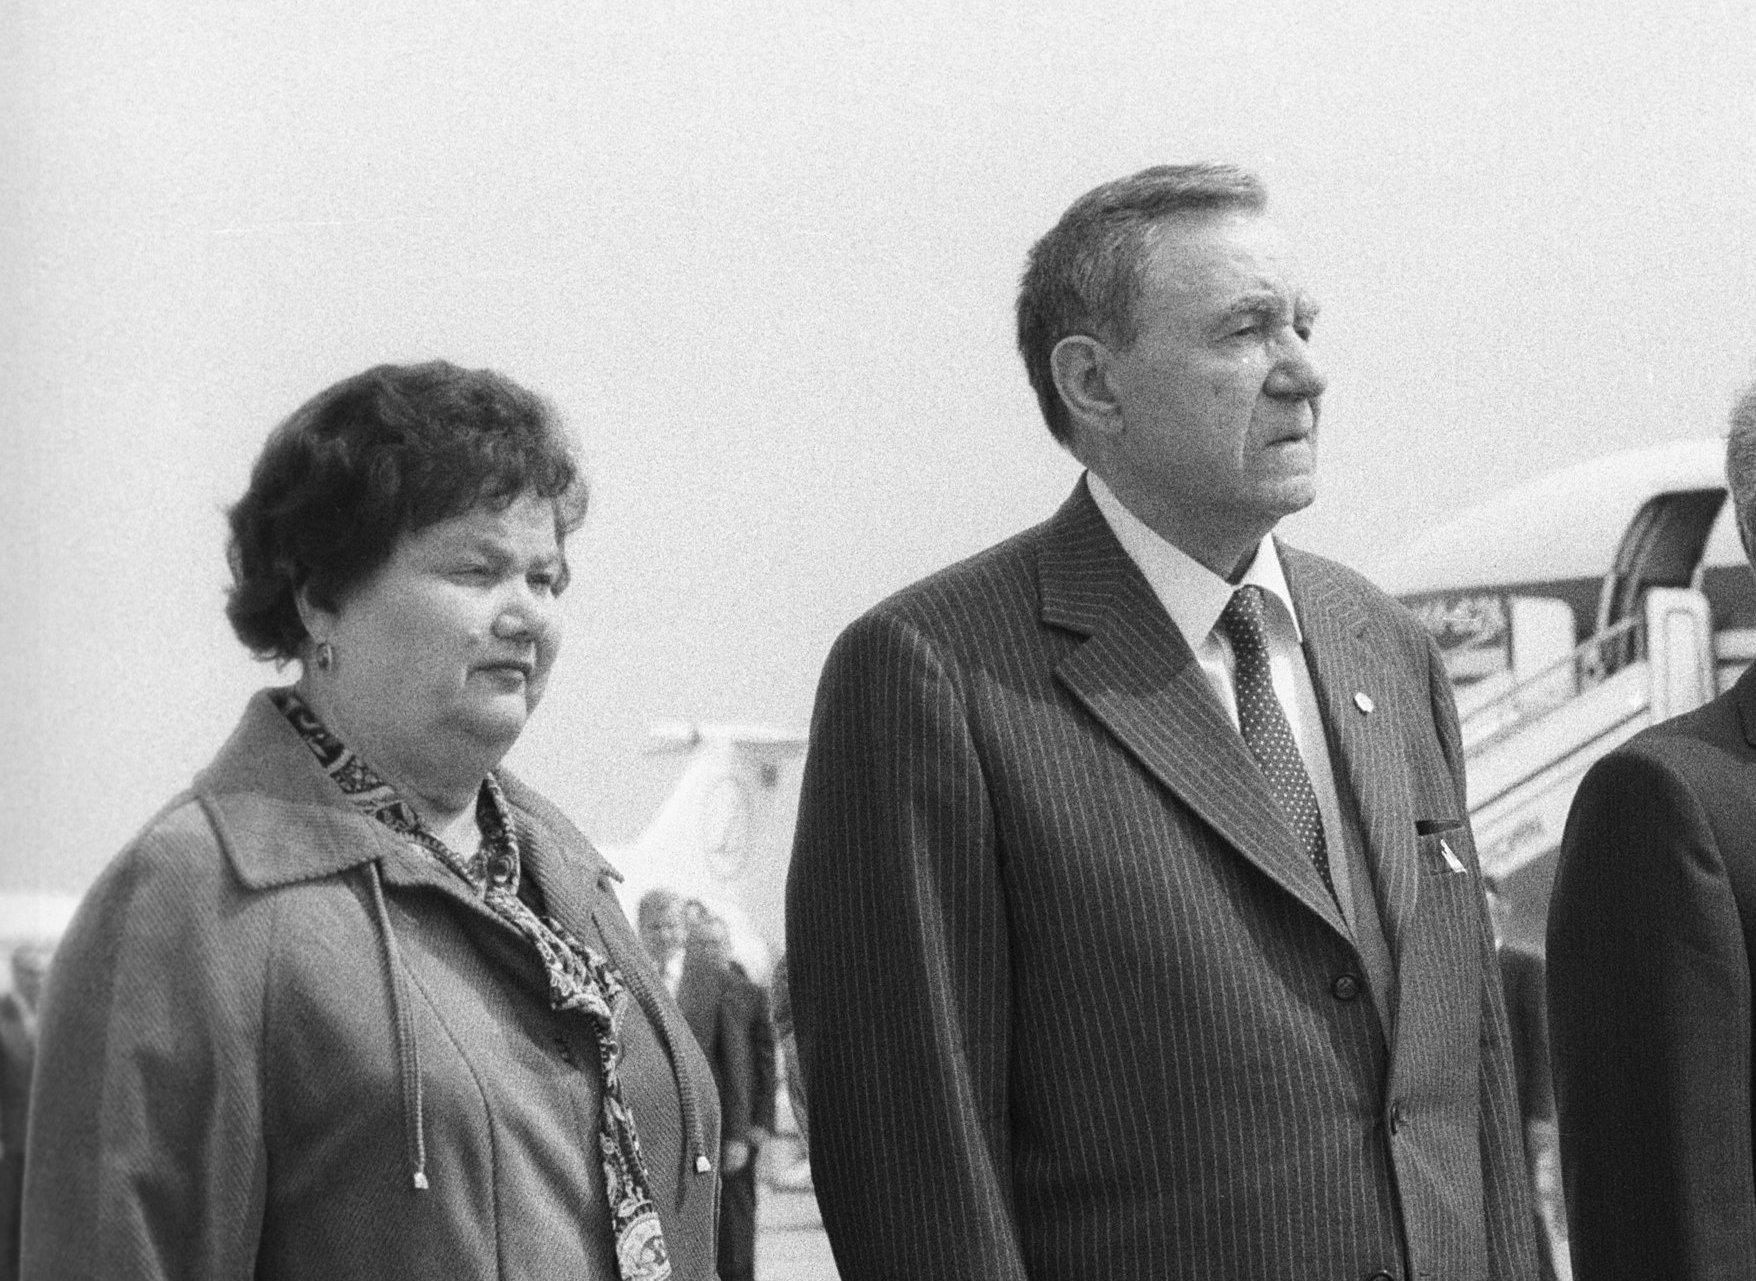 Супруги Громыко в любви, согласии и полном взаимопонимании прожили более 55 лет